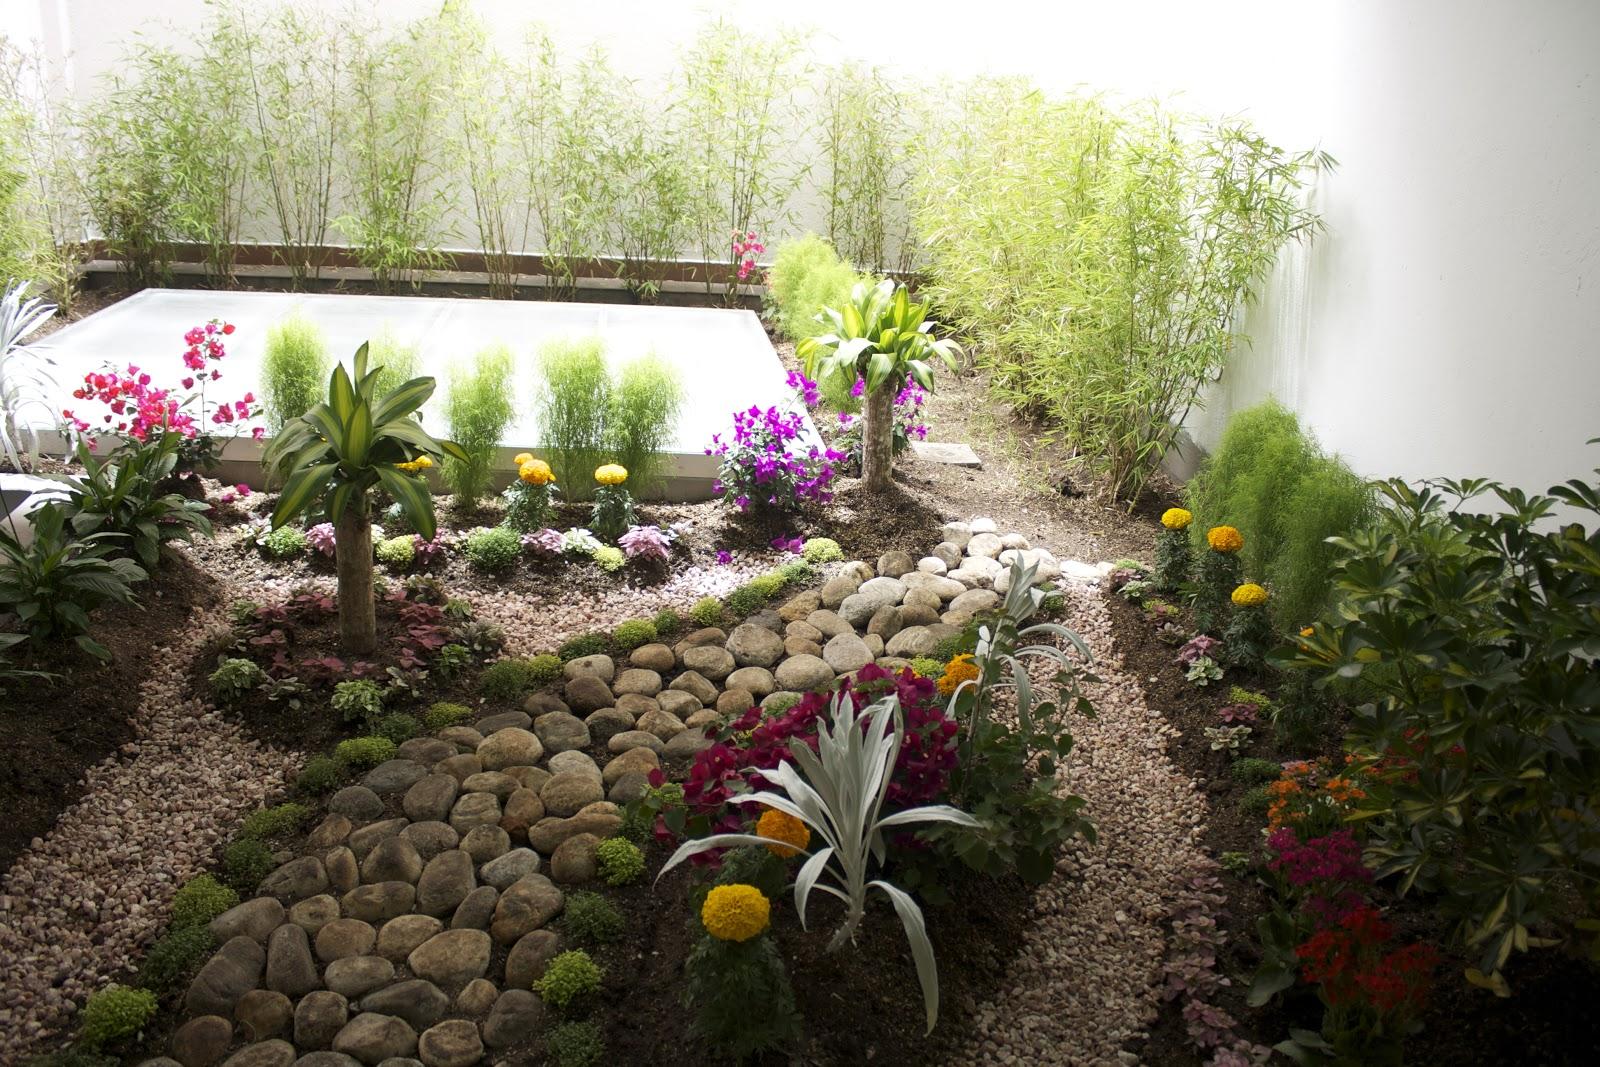 Lude elements flores huertos jardiner a y m s dise o - Diseno de jardines interiores ...